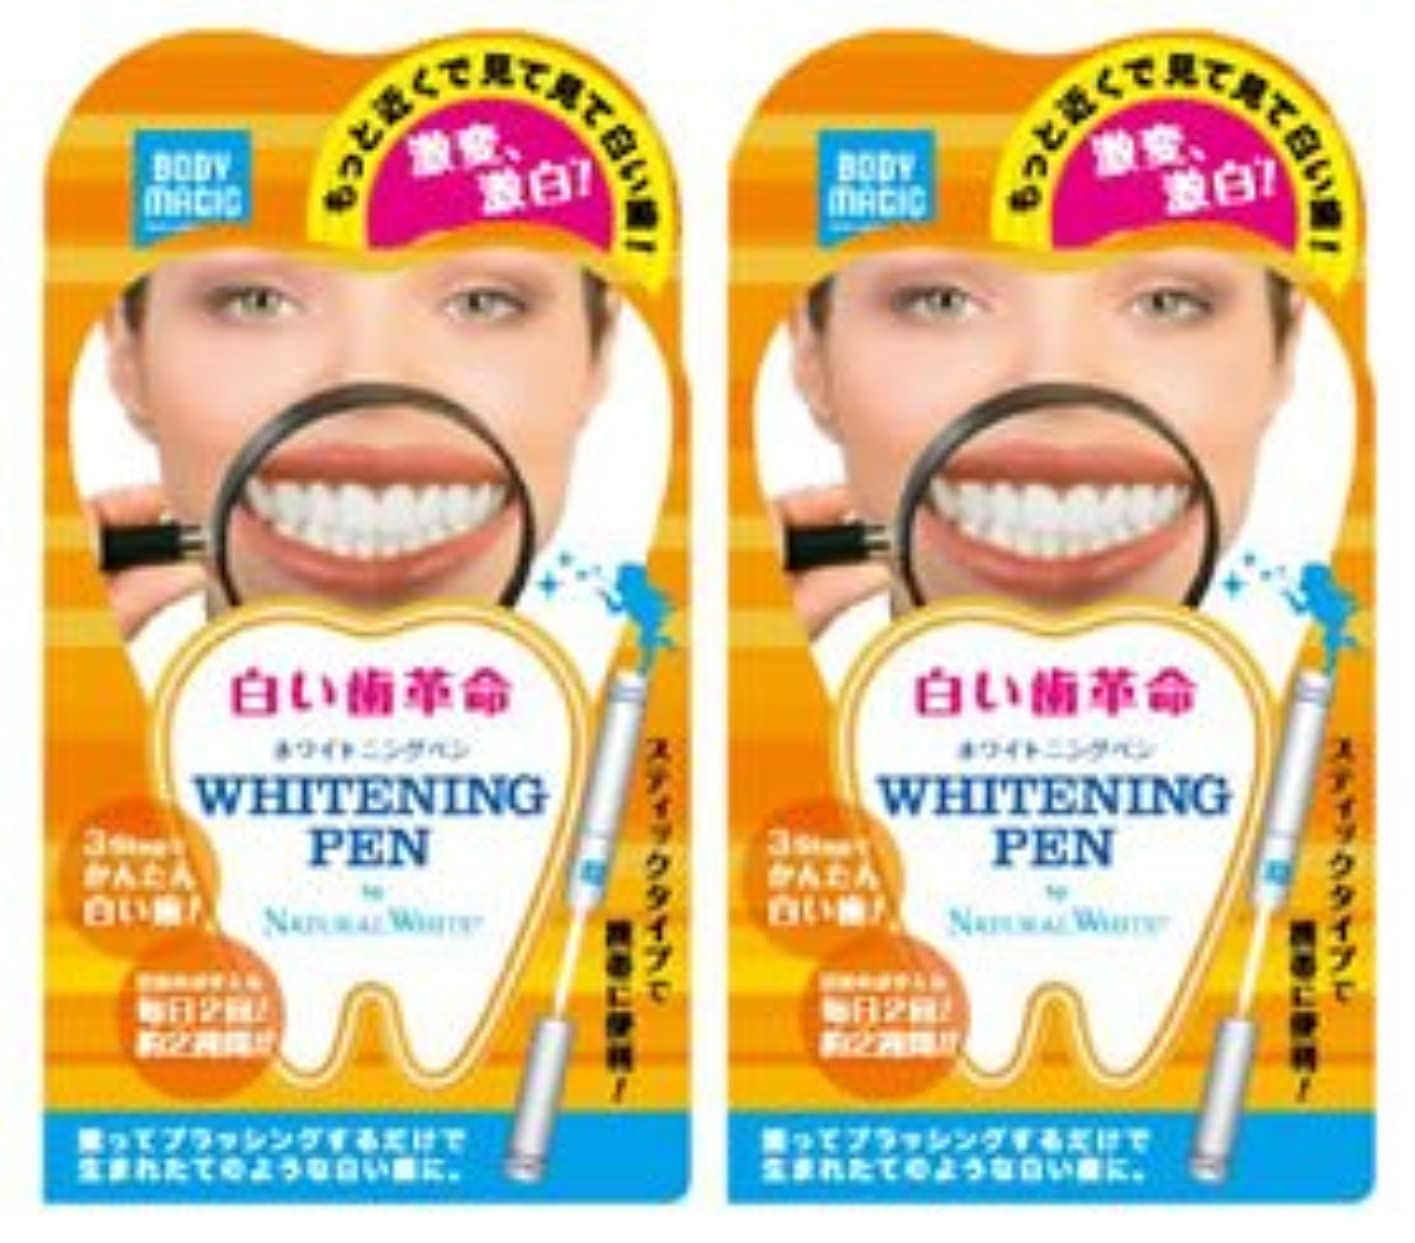 ホバーファックス祭司《セット販売》 ナチュラルホワイト ボディマジック ホワイトニングペン 2個セット 【白い歯革命】 ラピッドホワイトBスティック 【ジェルハミガキ】